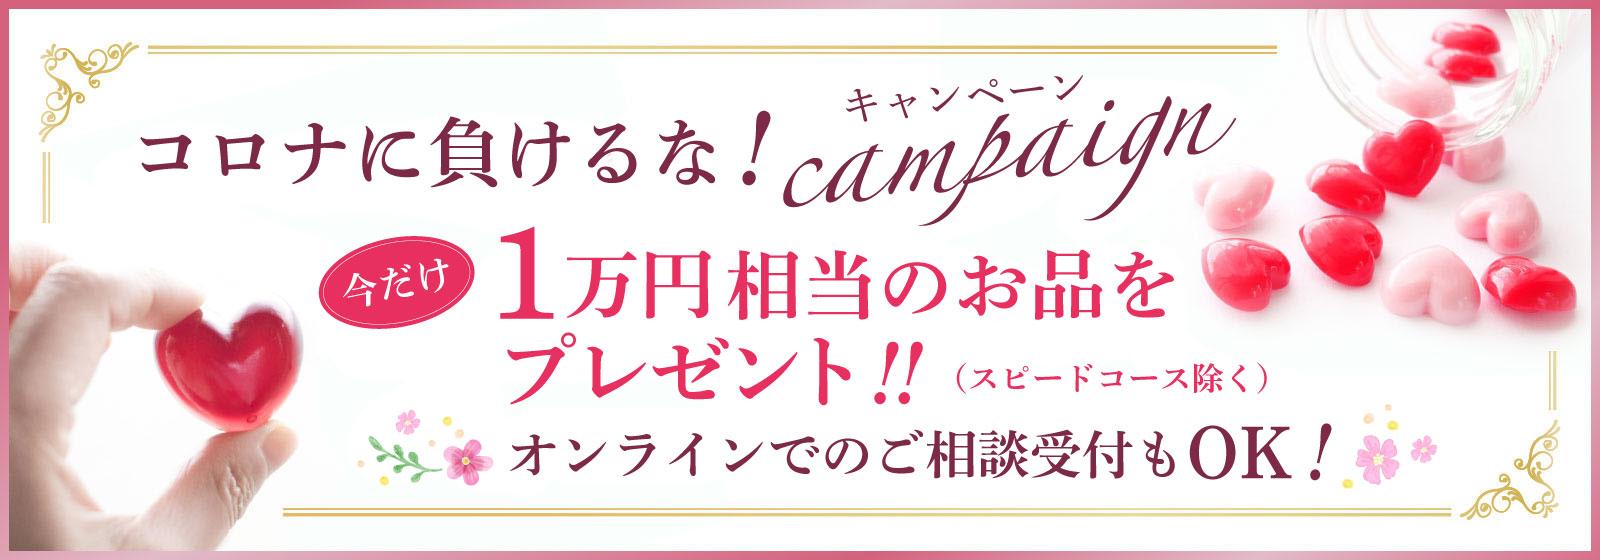 コロナに負けるなキャンペーン!初期費用1万円off オンラインでのご相談受付OK